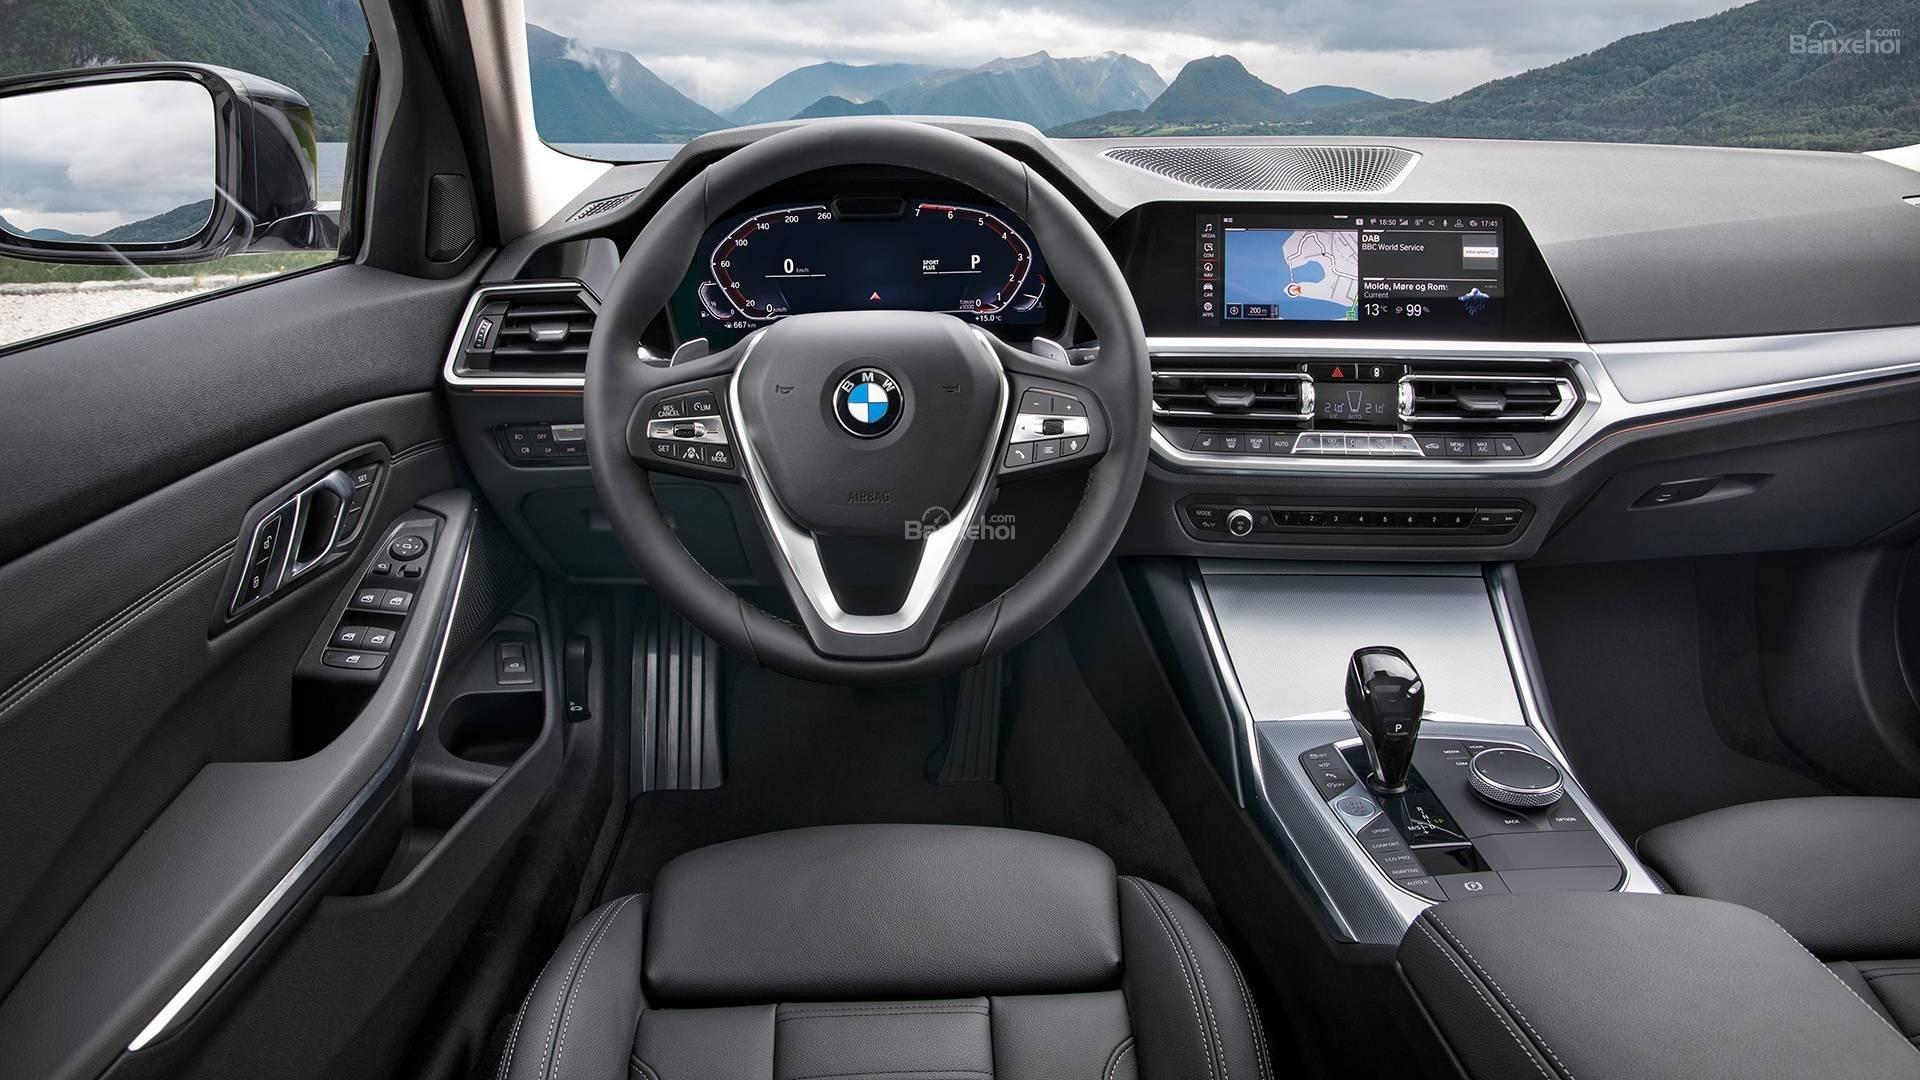 Đánh giá xe BMW 3-Series 2019 về trang bị tiện nghi.